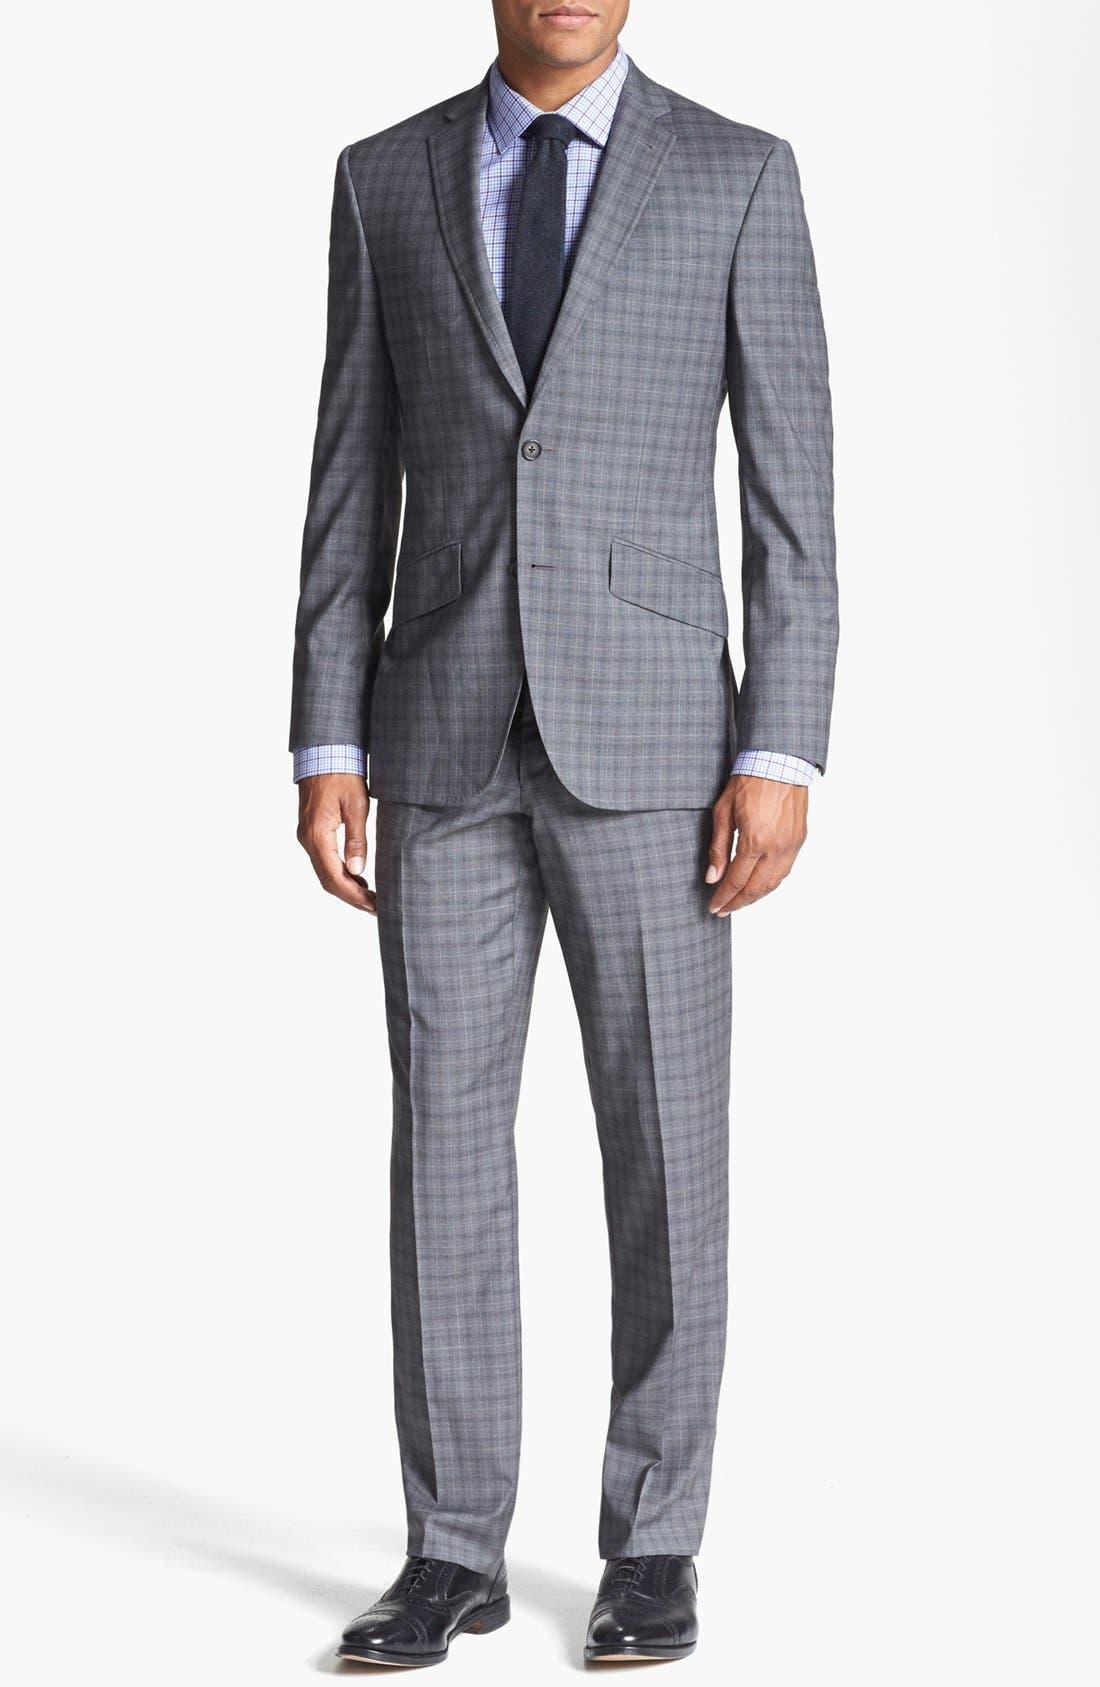 Main Image - Ted Baker London 'Jones' Trim Fit Check Suit